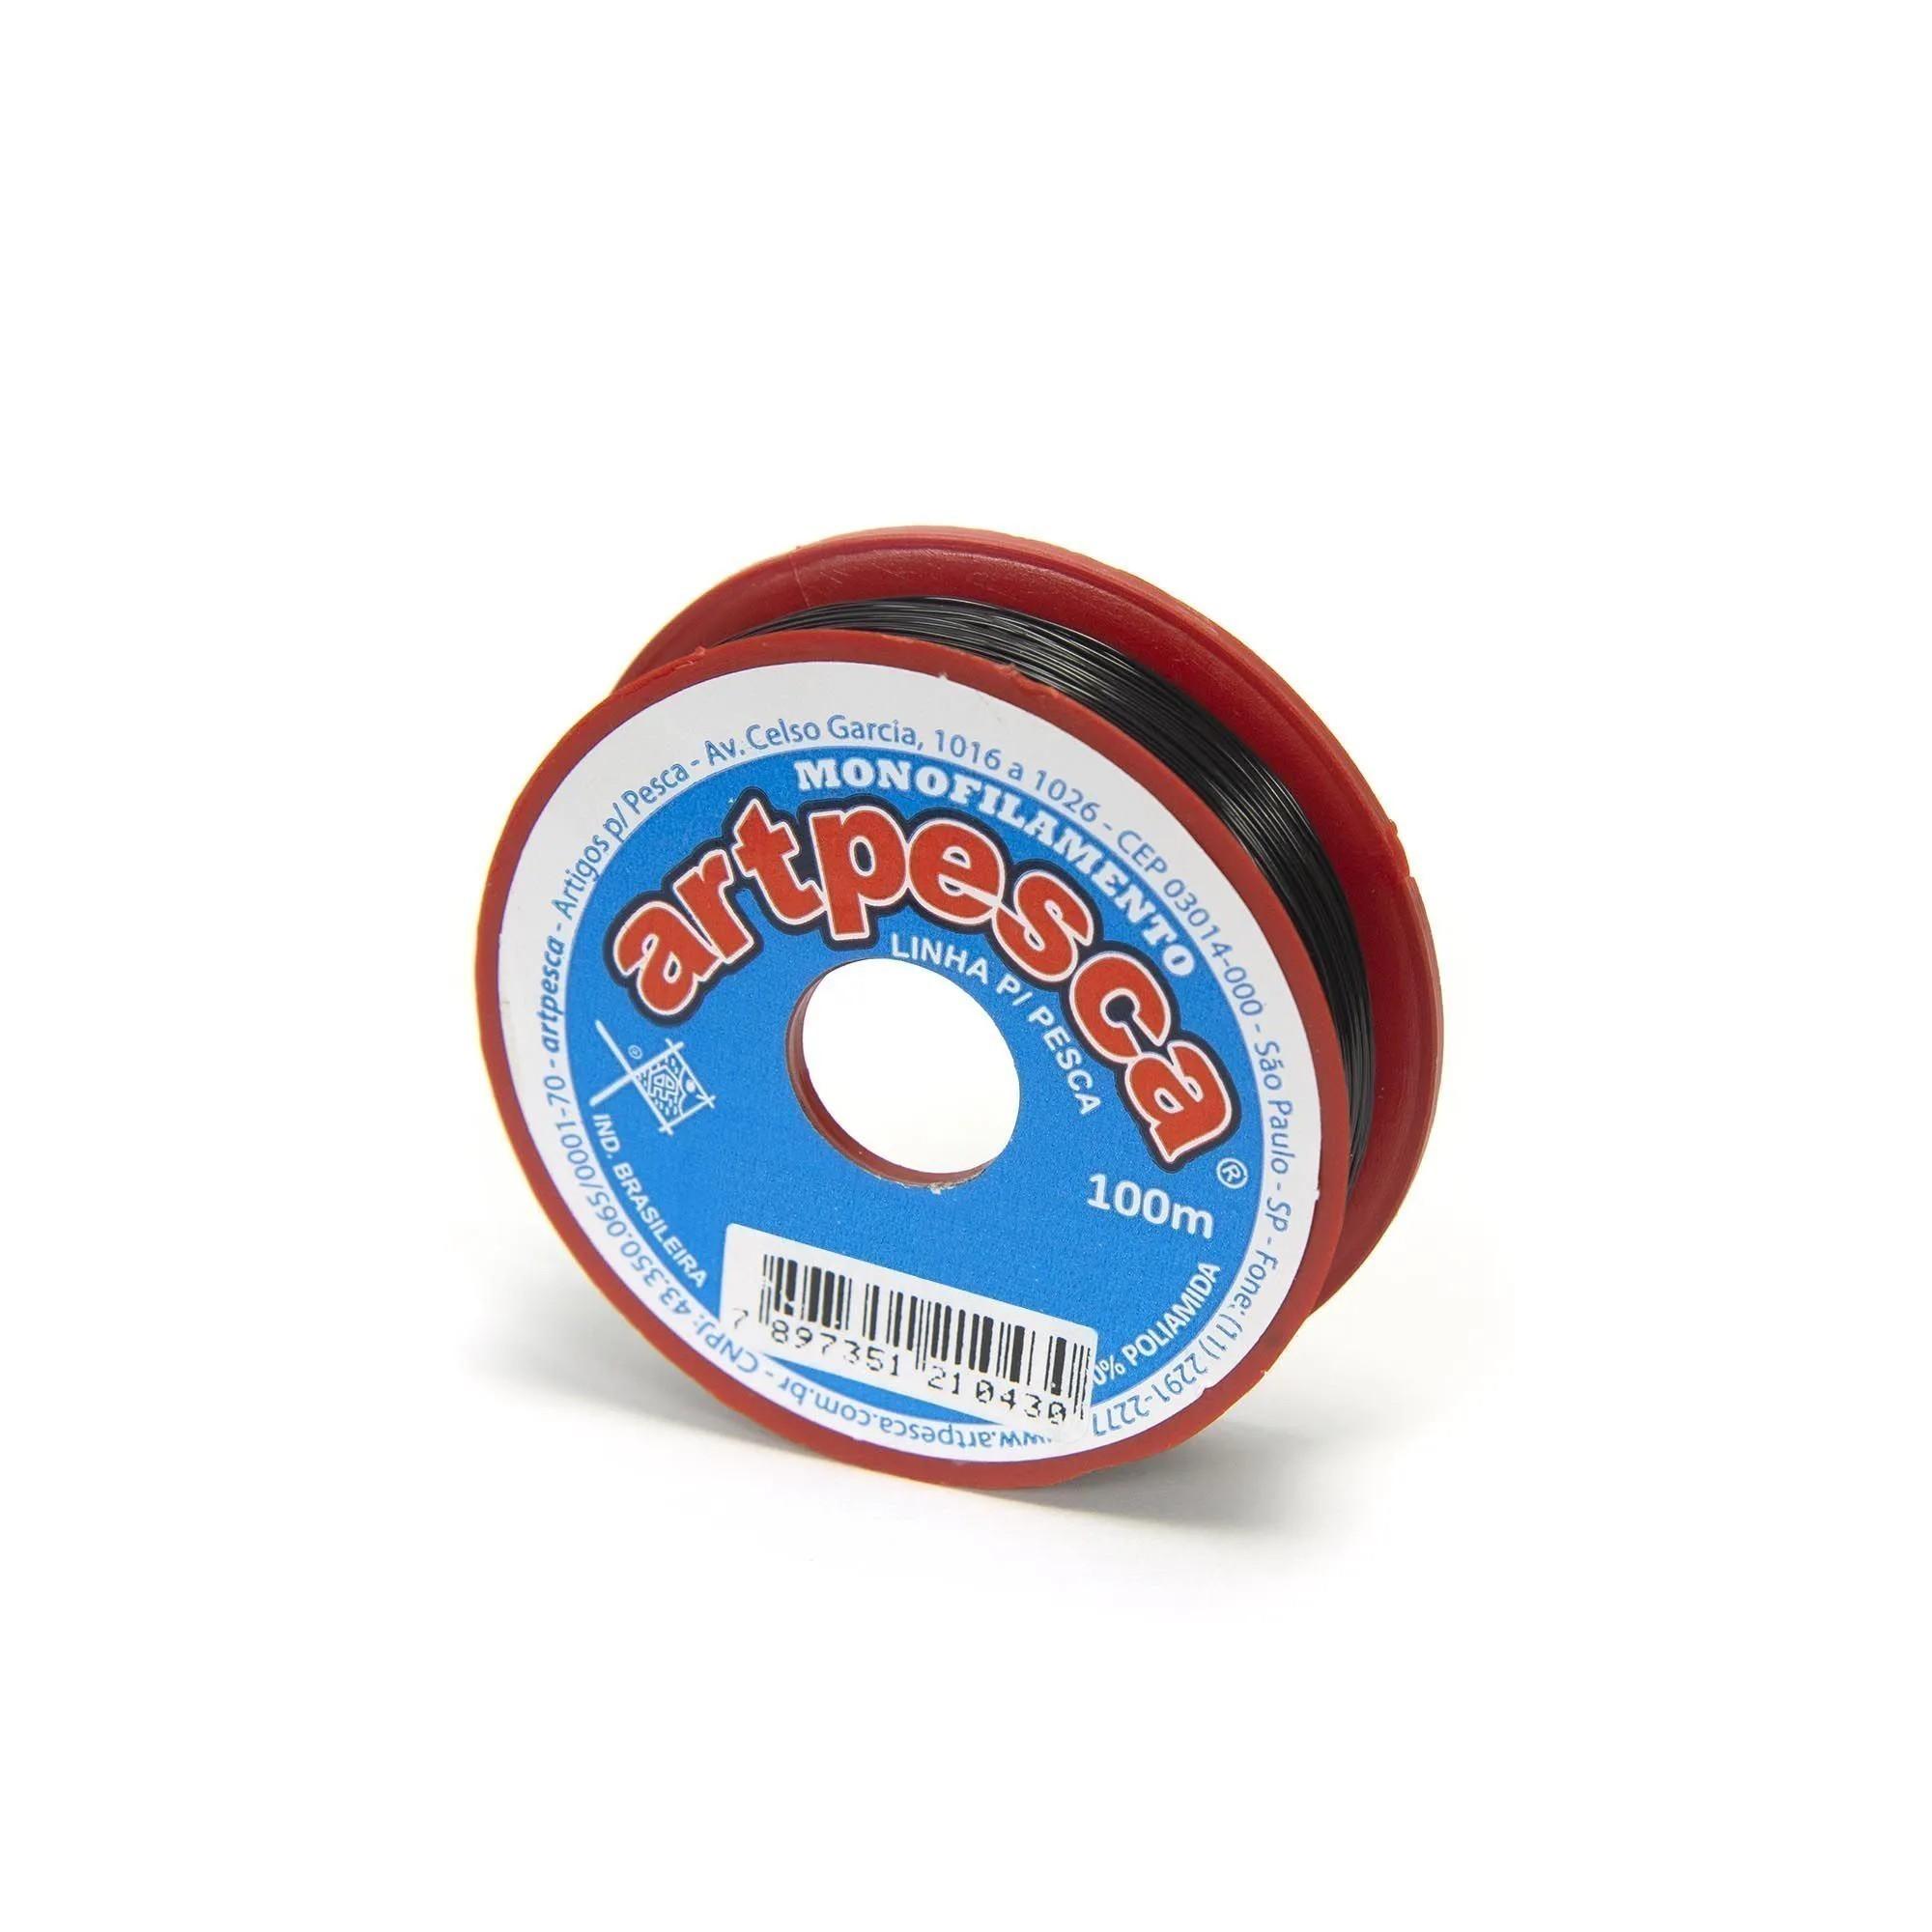 Linha de Nylon Artpesca Preta 0,40mm Pacote com 1 unidades de 100m  - Artpesca